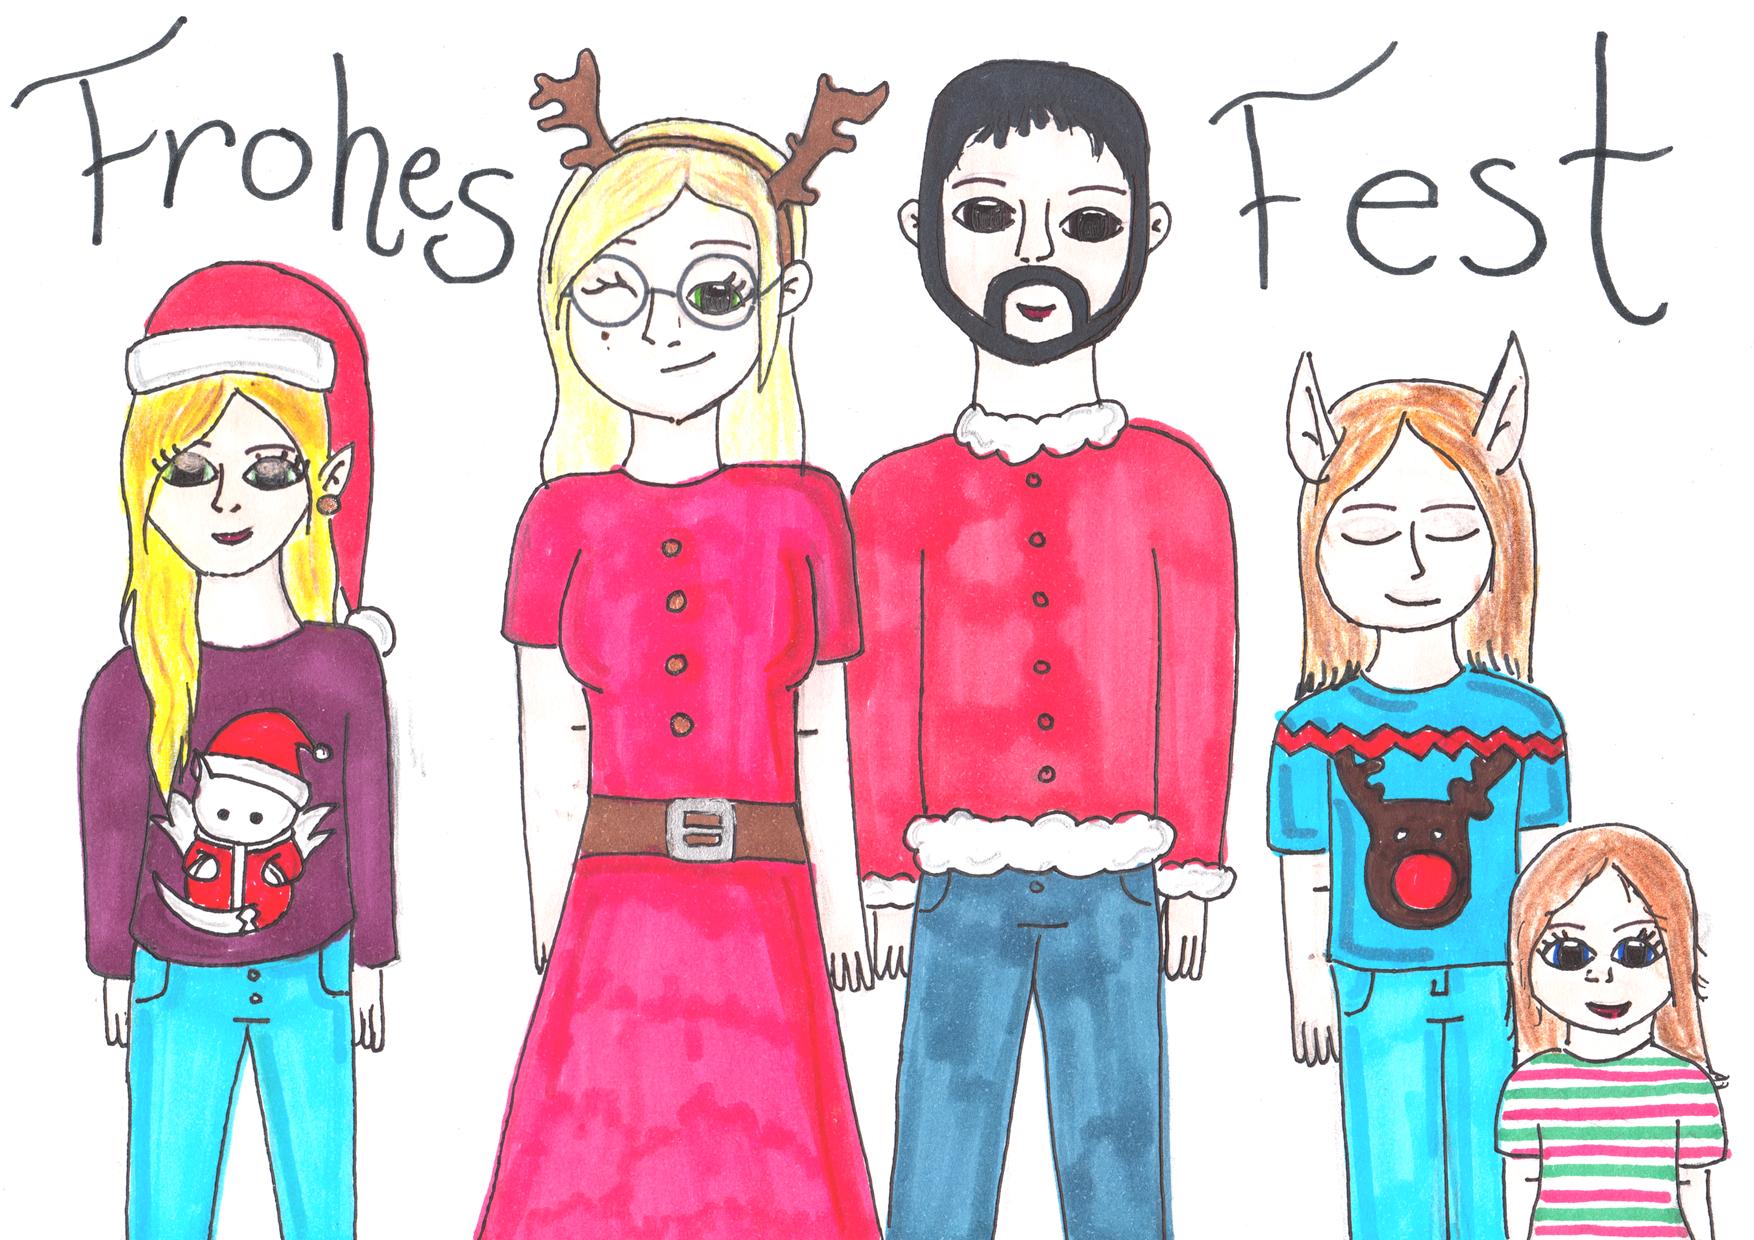 Weihnachten_grossekoepfe